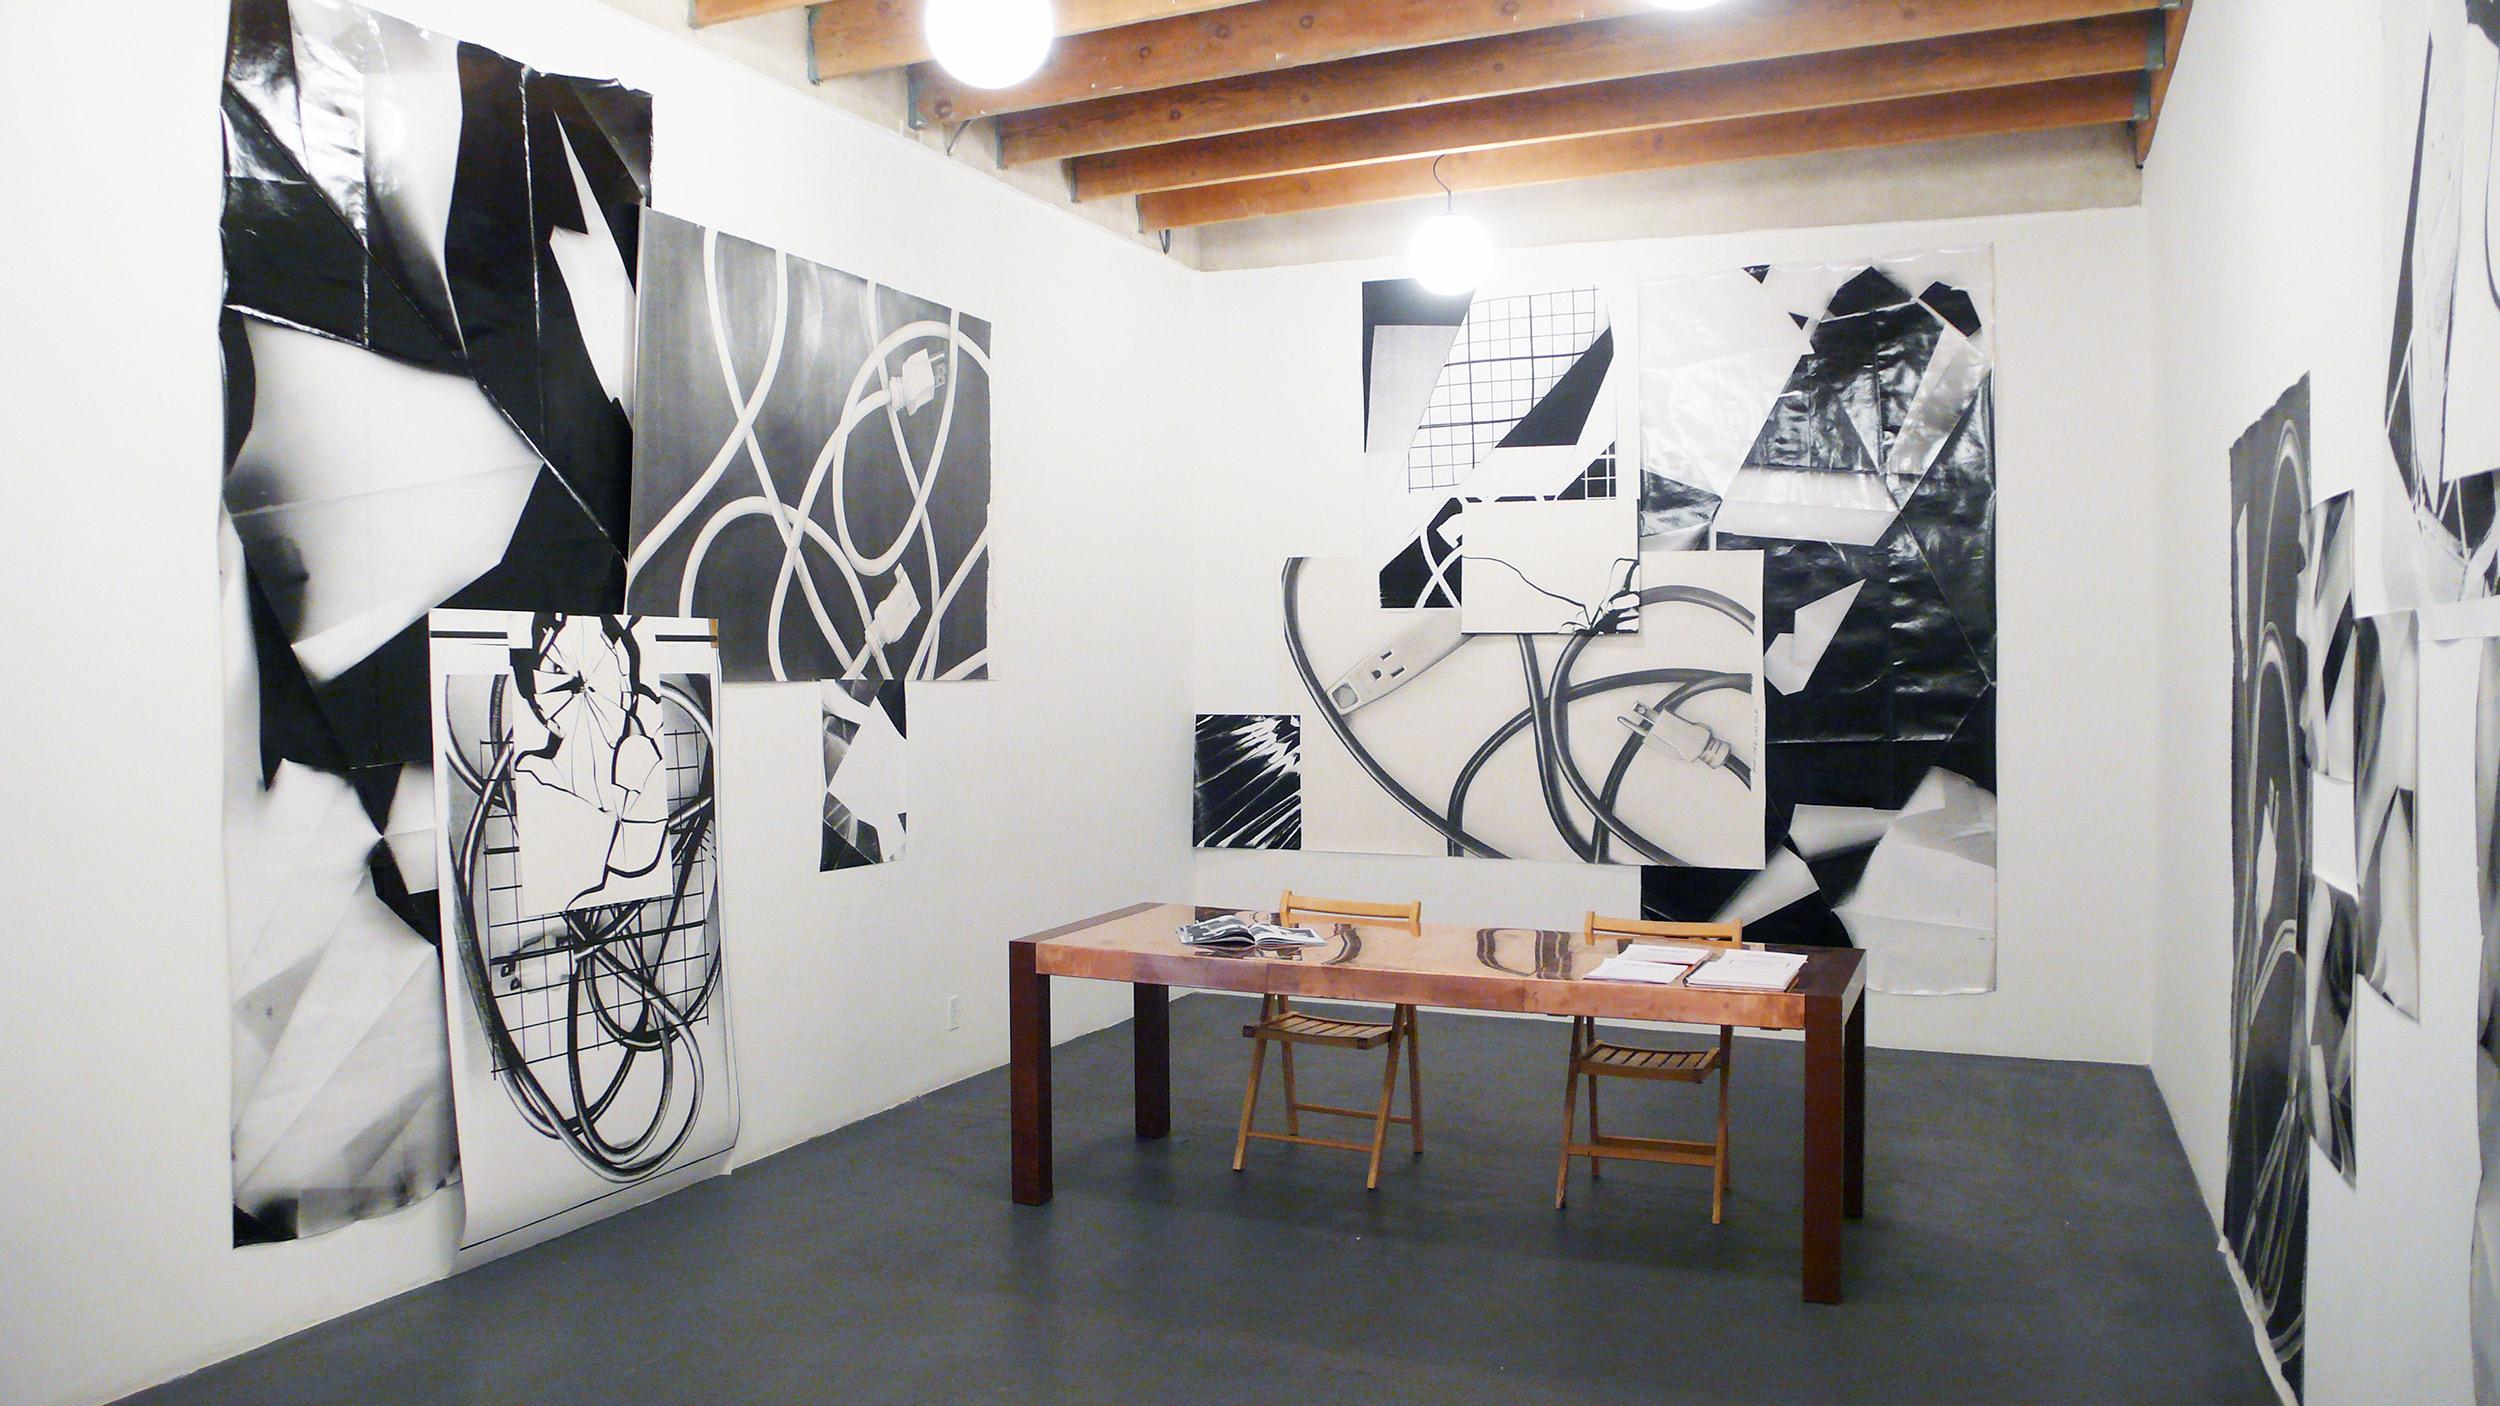 Plug n Play   With Karl Haendel  Redling Fine Art  Los Angeles  California  2009